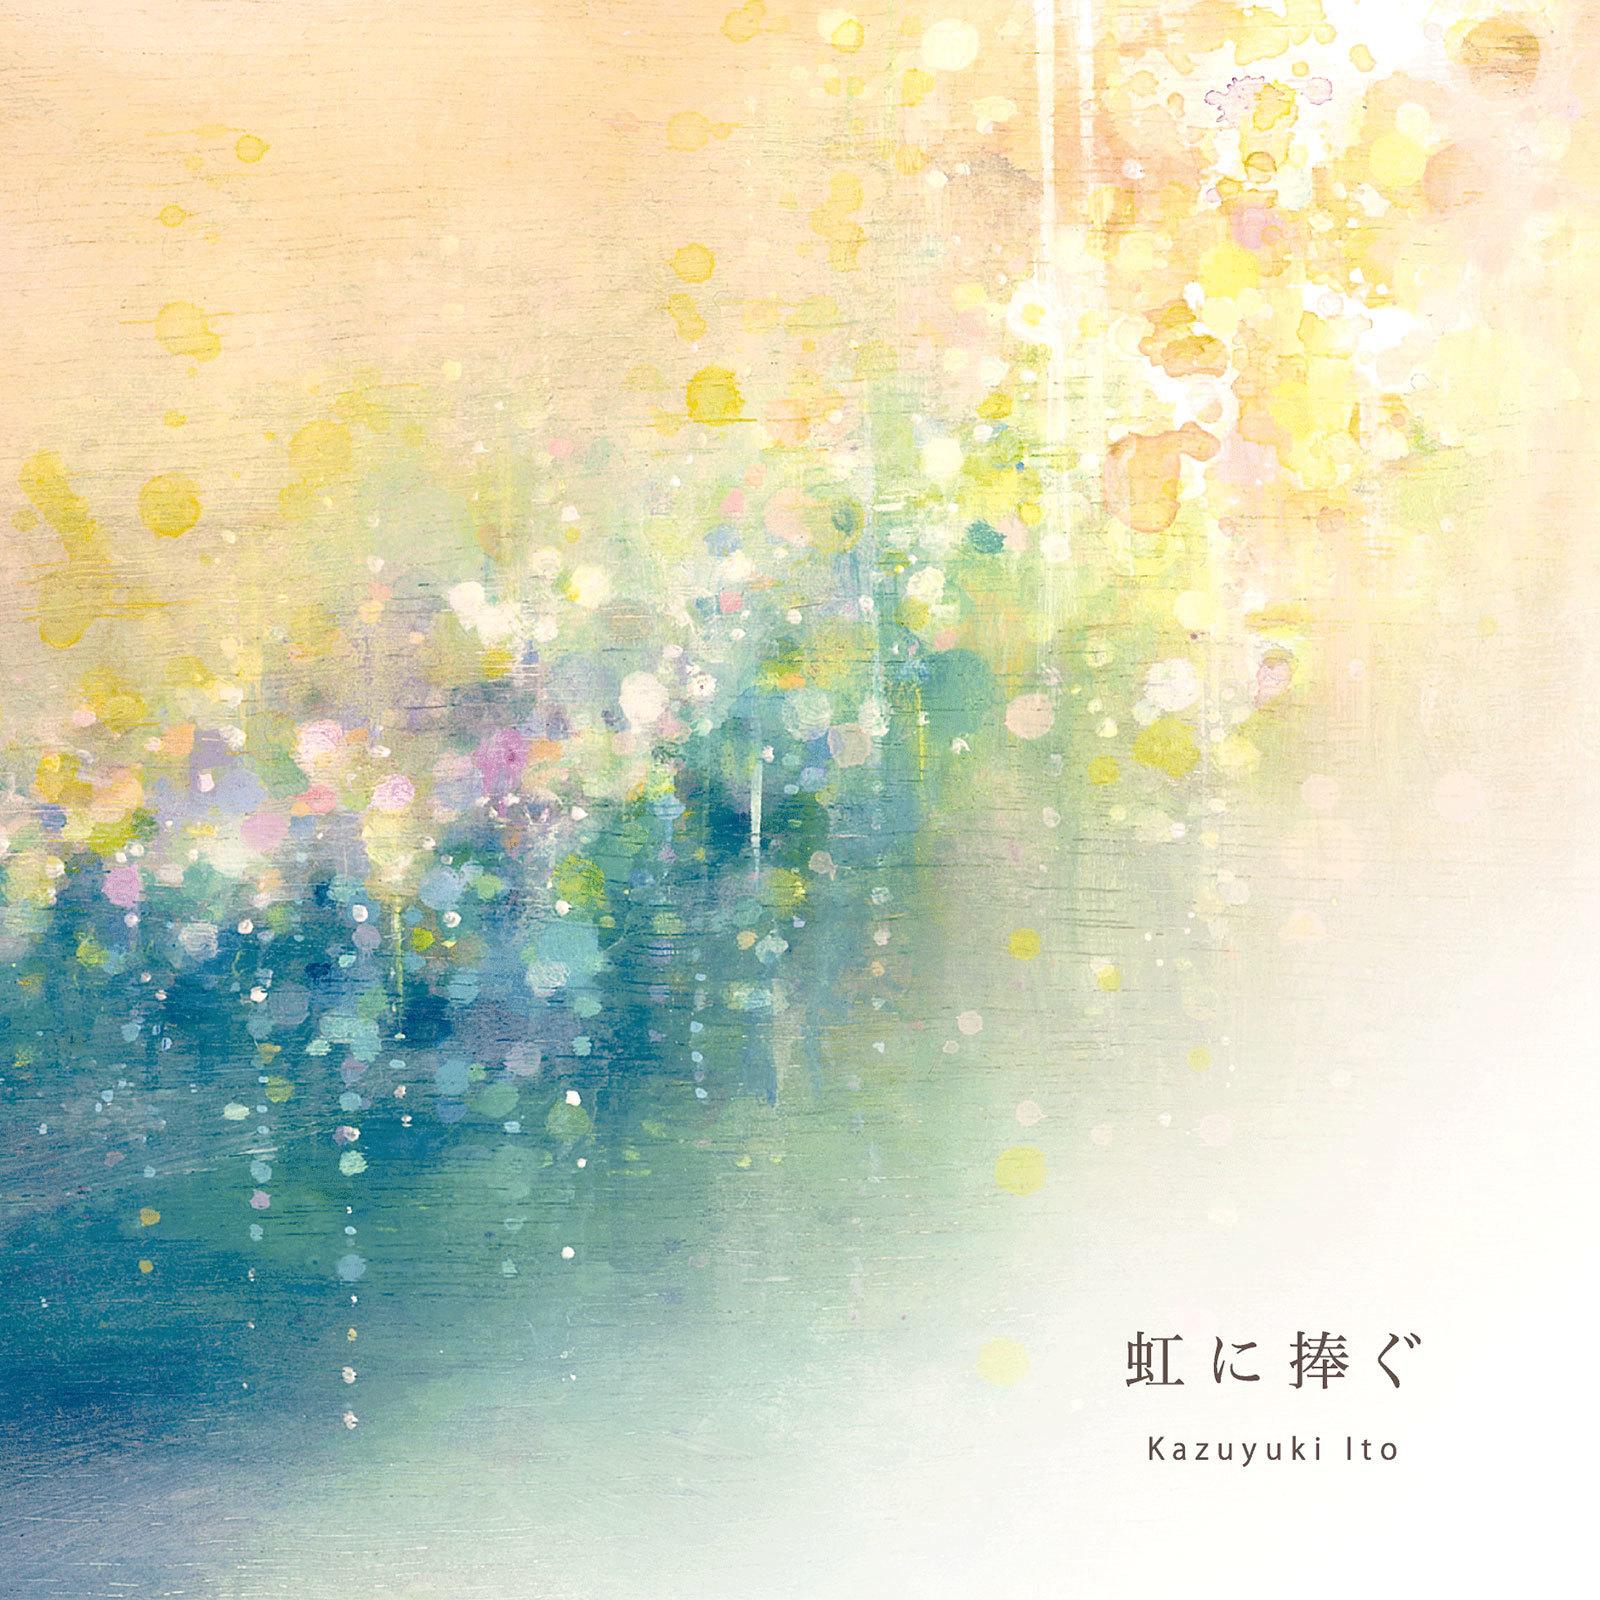 アルバム【虹に捧ぐ】をリリースします。